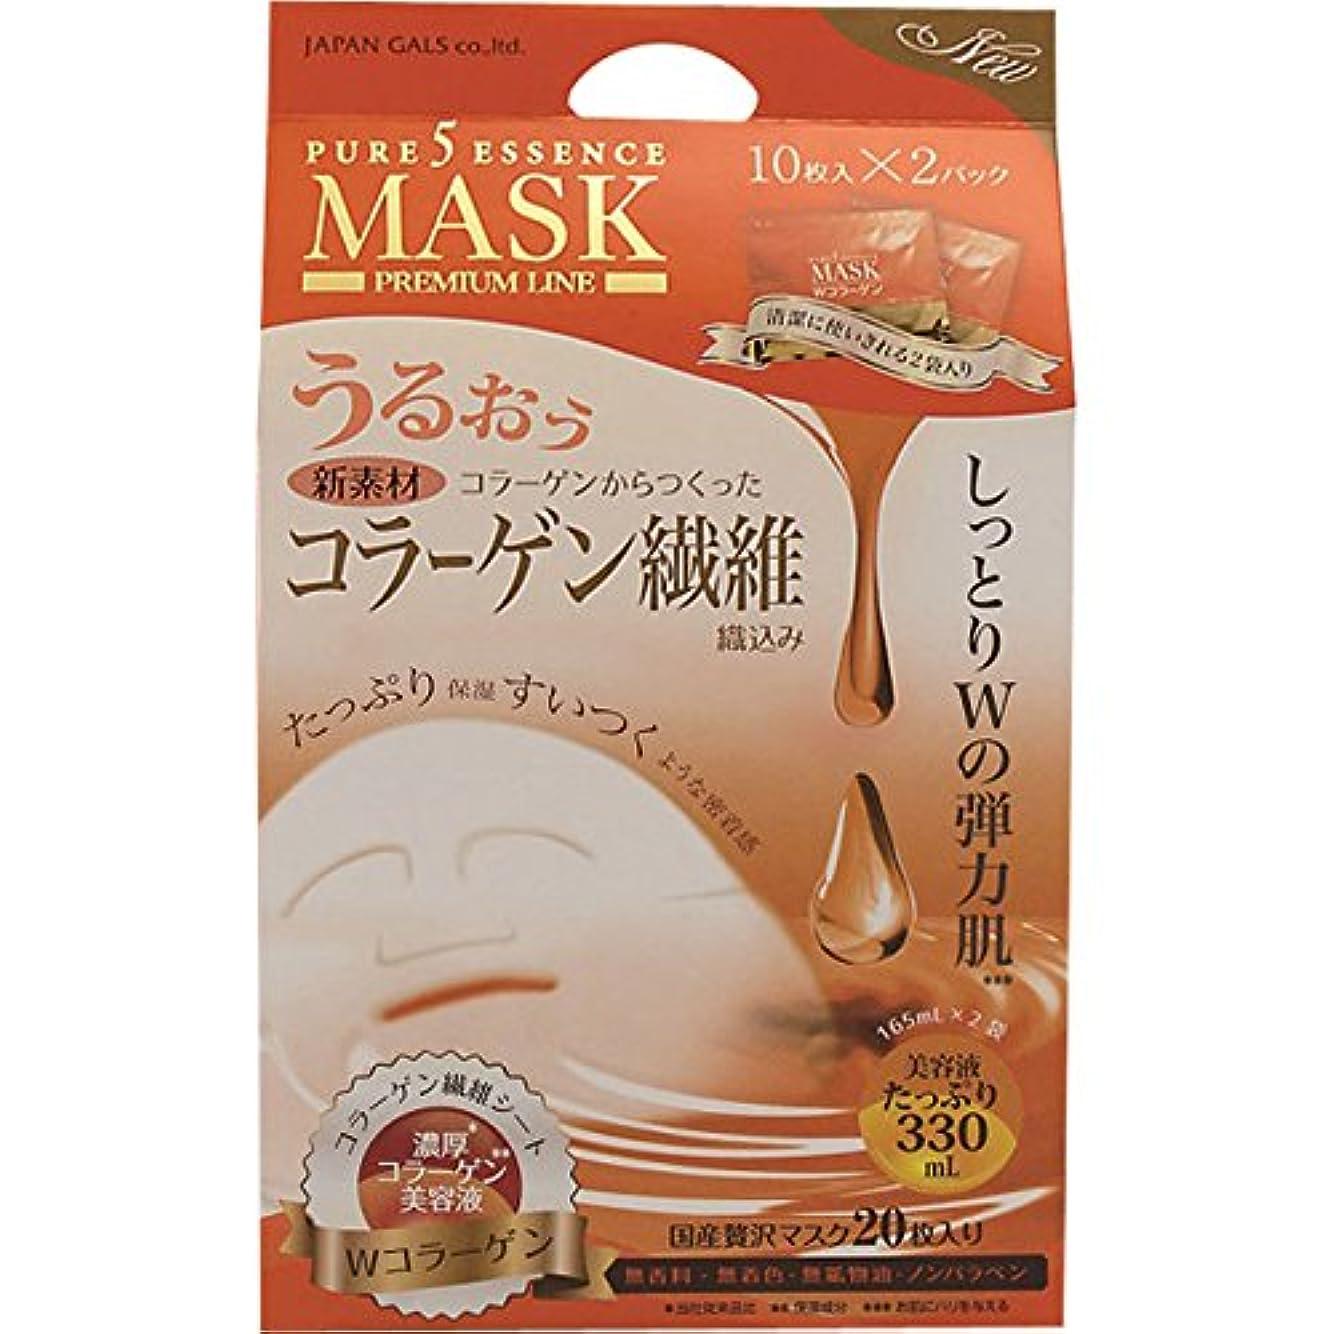 金銭的な悪意あごひげピュアファイブエッセンスマスク(WCO)Wコラーゲン